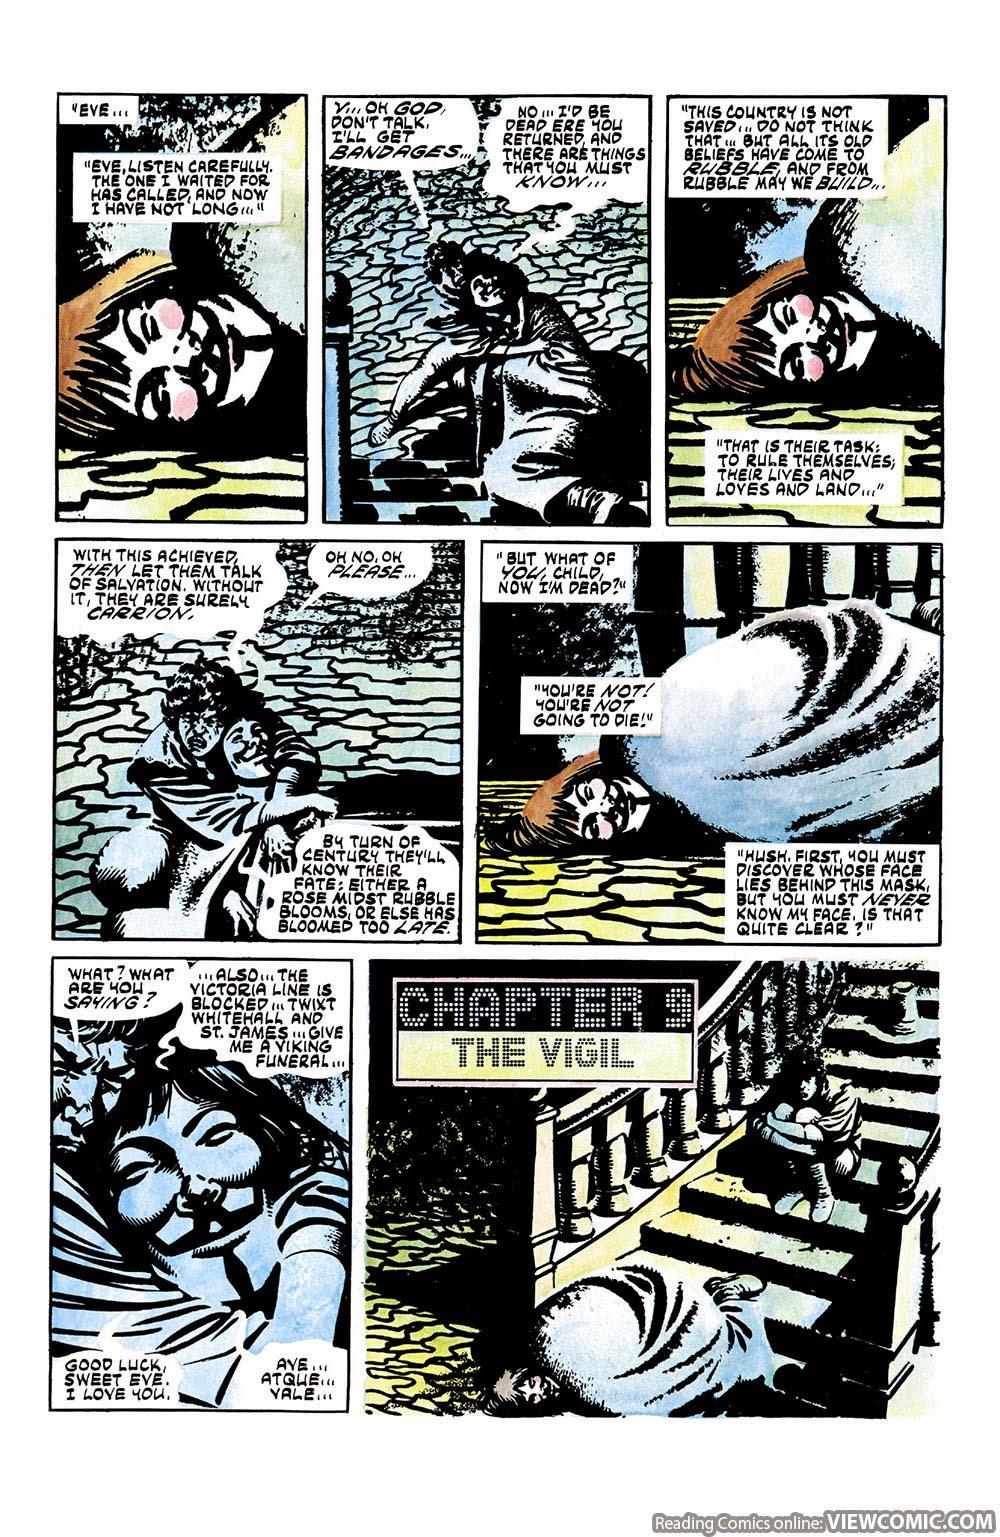 v for vendetta comic pdf online